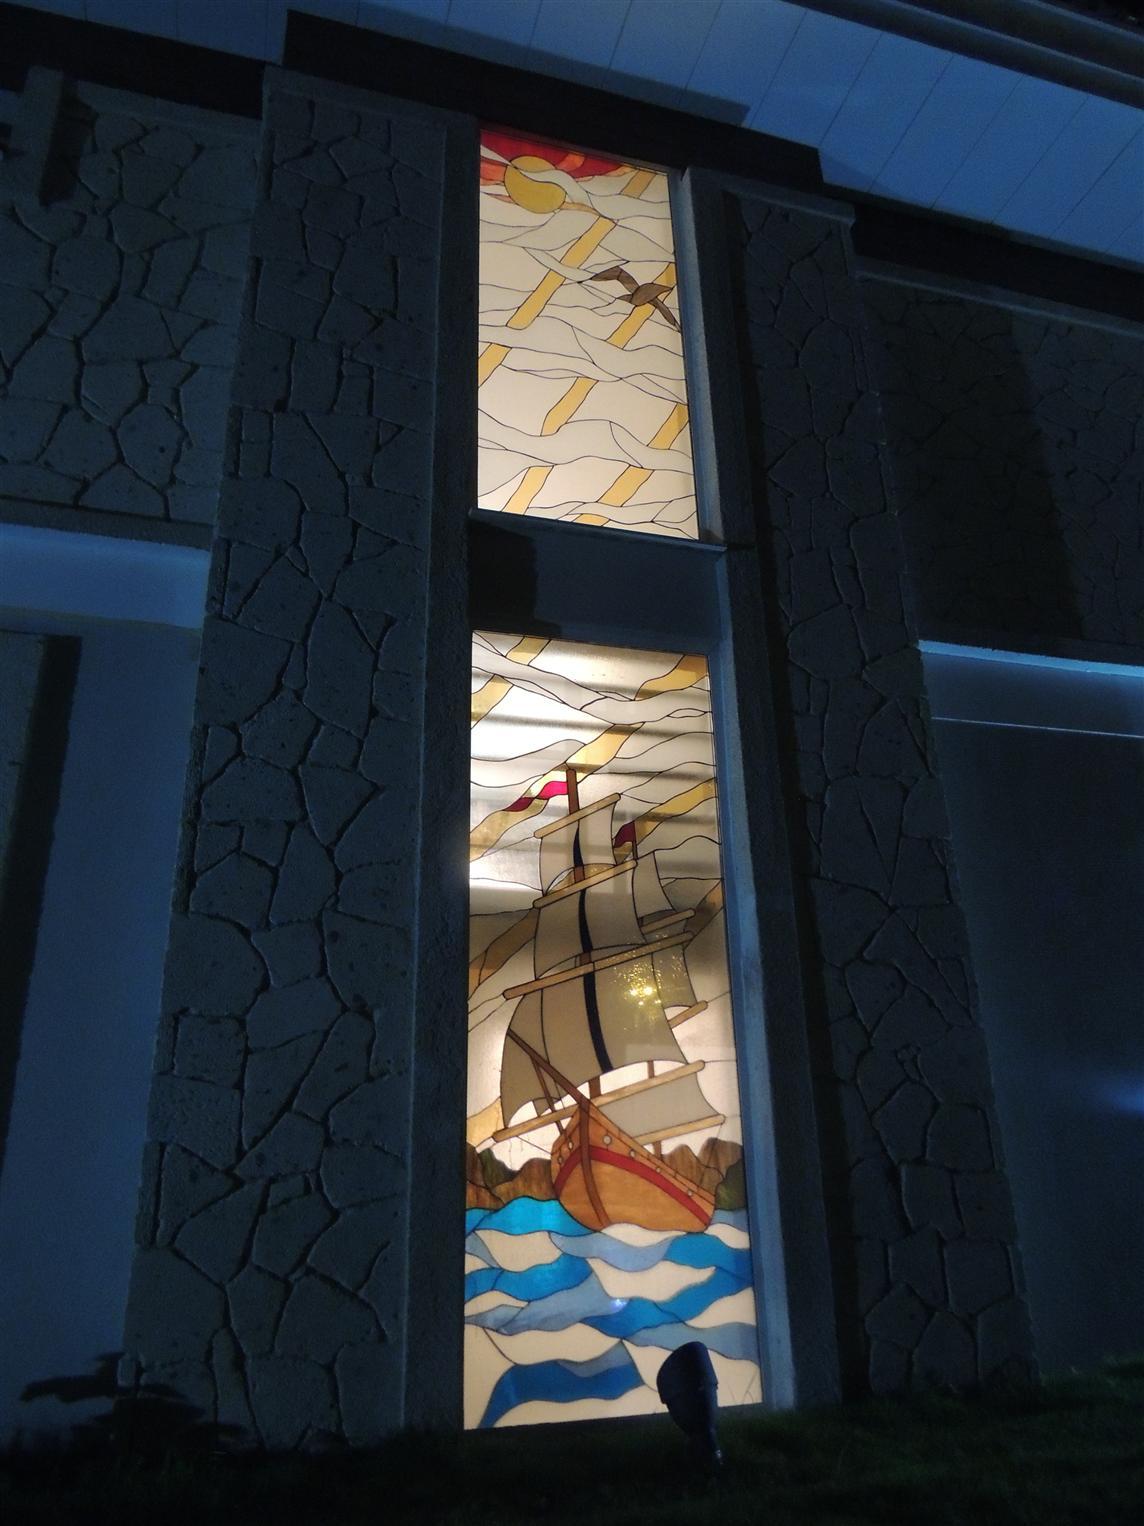 izka-insaat-life-port-evleri2015921164945321.jpg izmir vitray çalışması